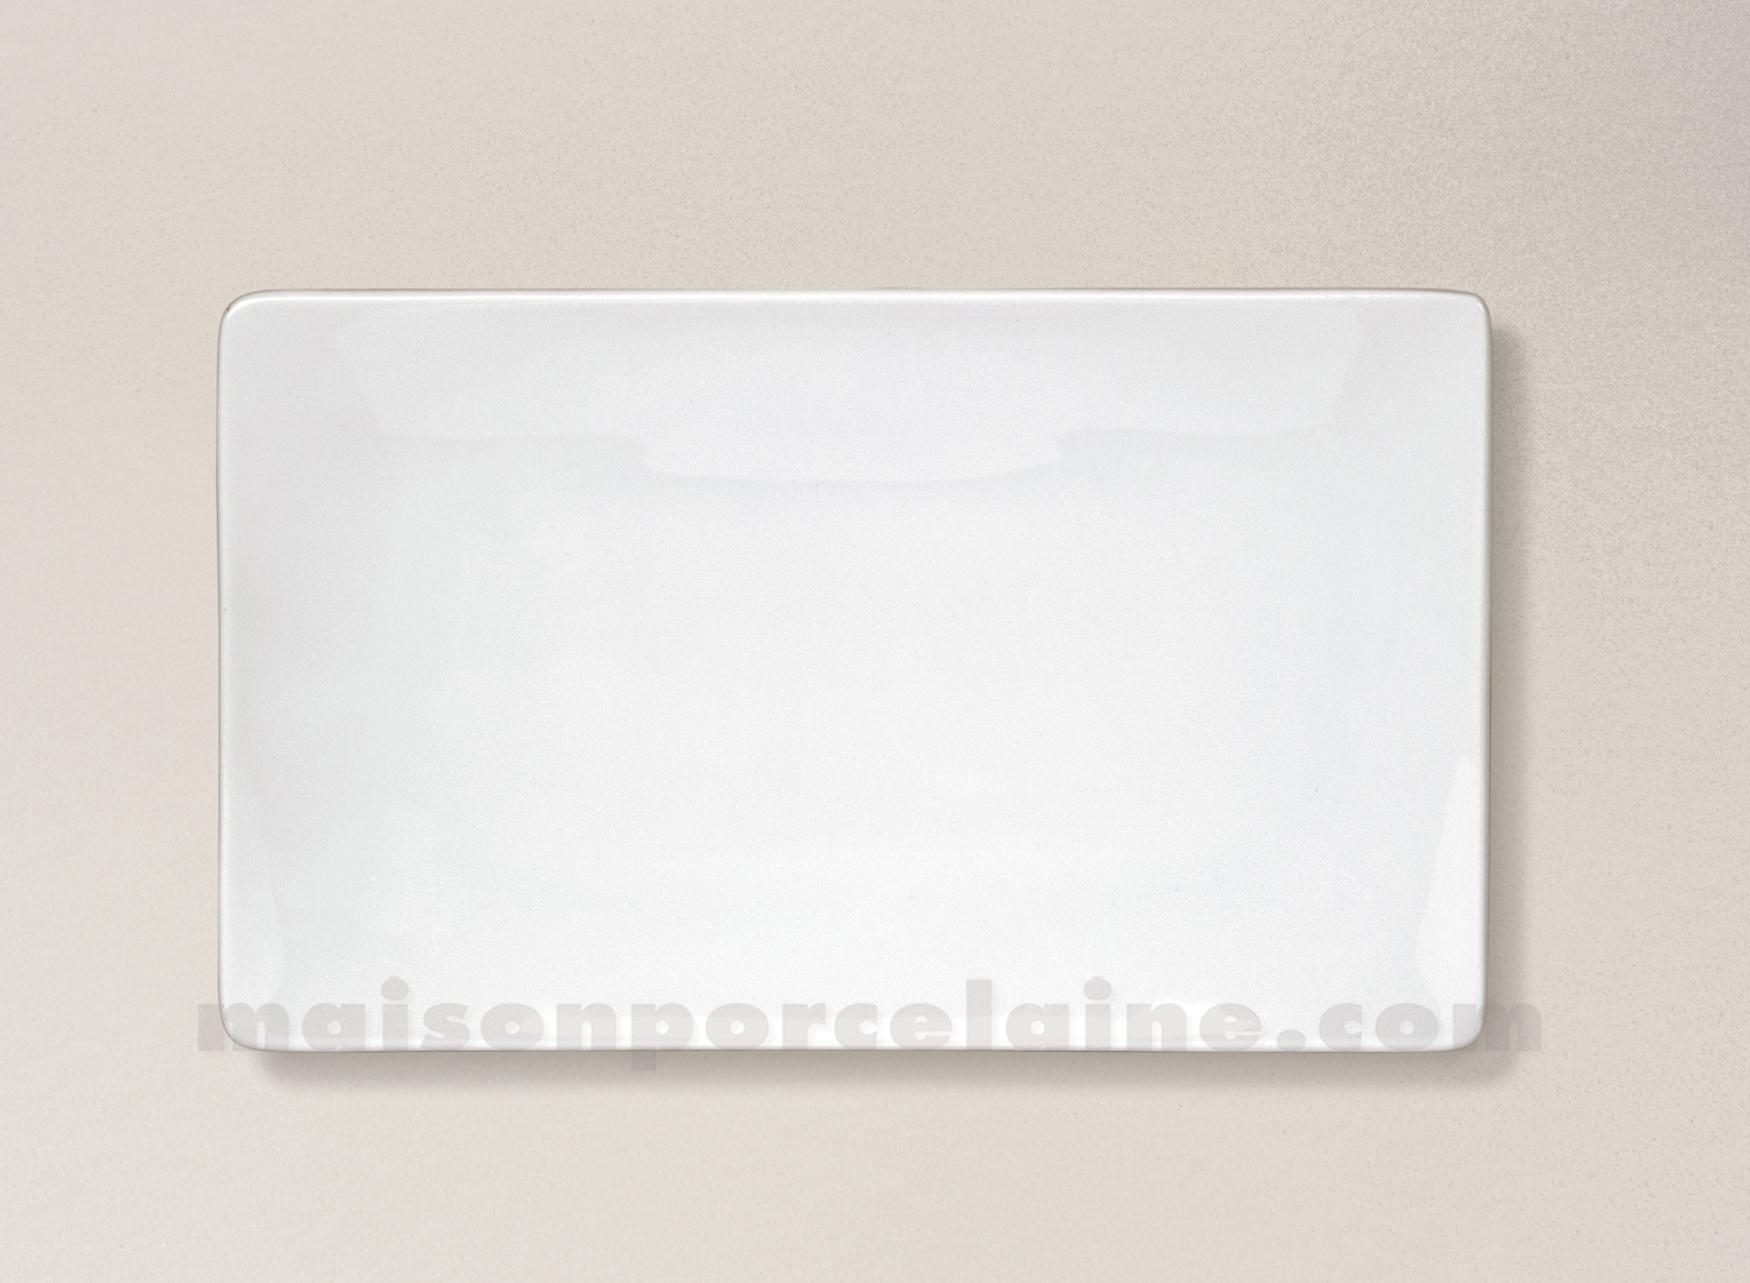 plat assiette rectangulaire porcelaine blanche colorado 23x14cm maison de la porcelaine. Black Bedroom Furniture Sets. Home Design Ideas